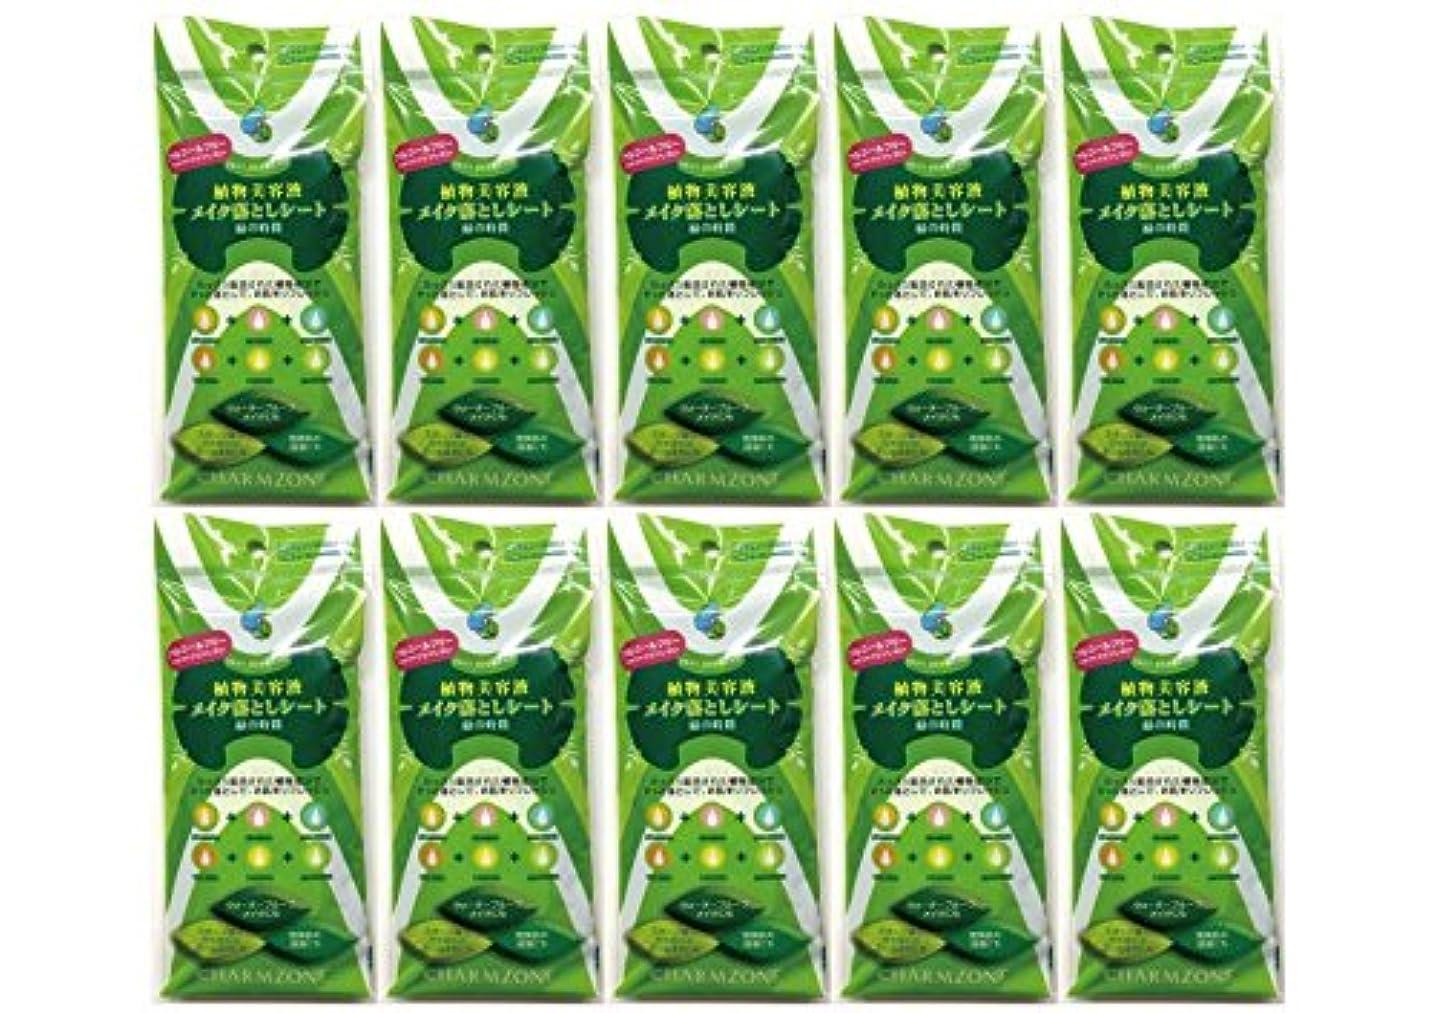 長椅子狐背骨植物美容液メイク落としシート 緑の時間10ヶセット